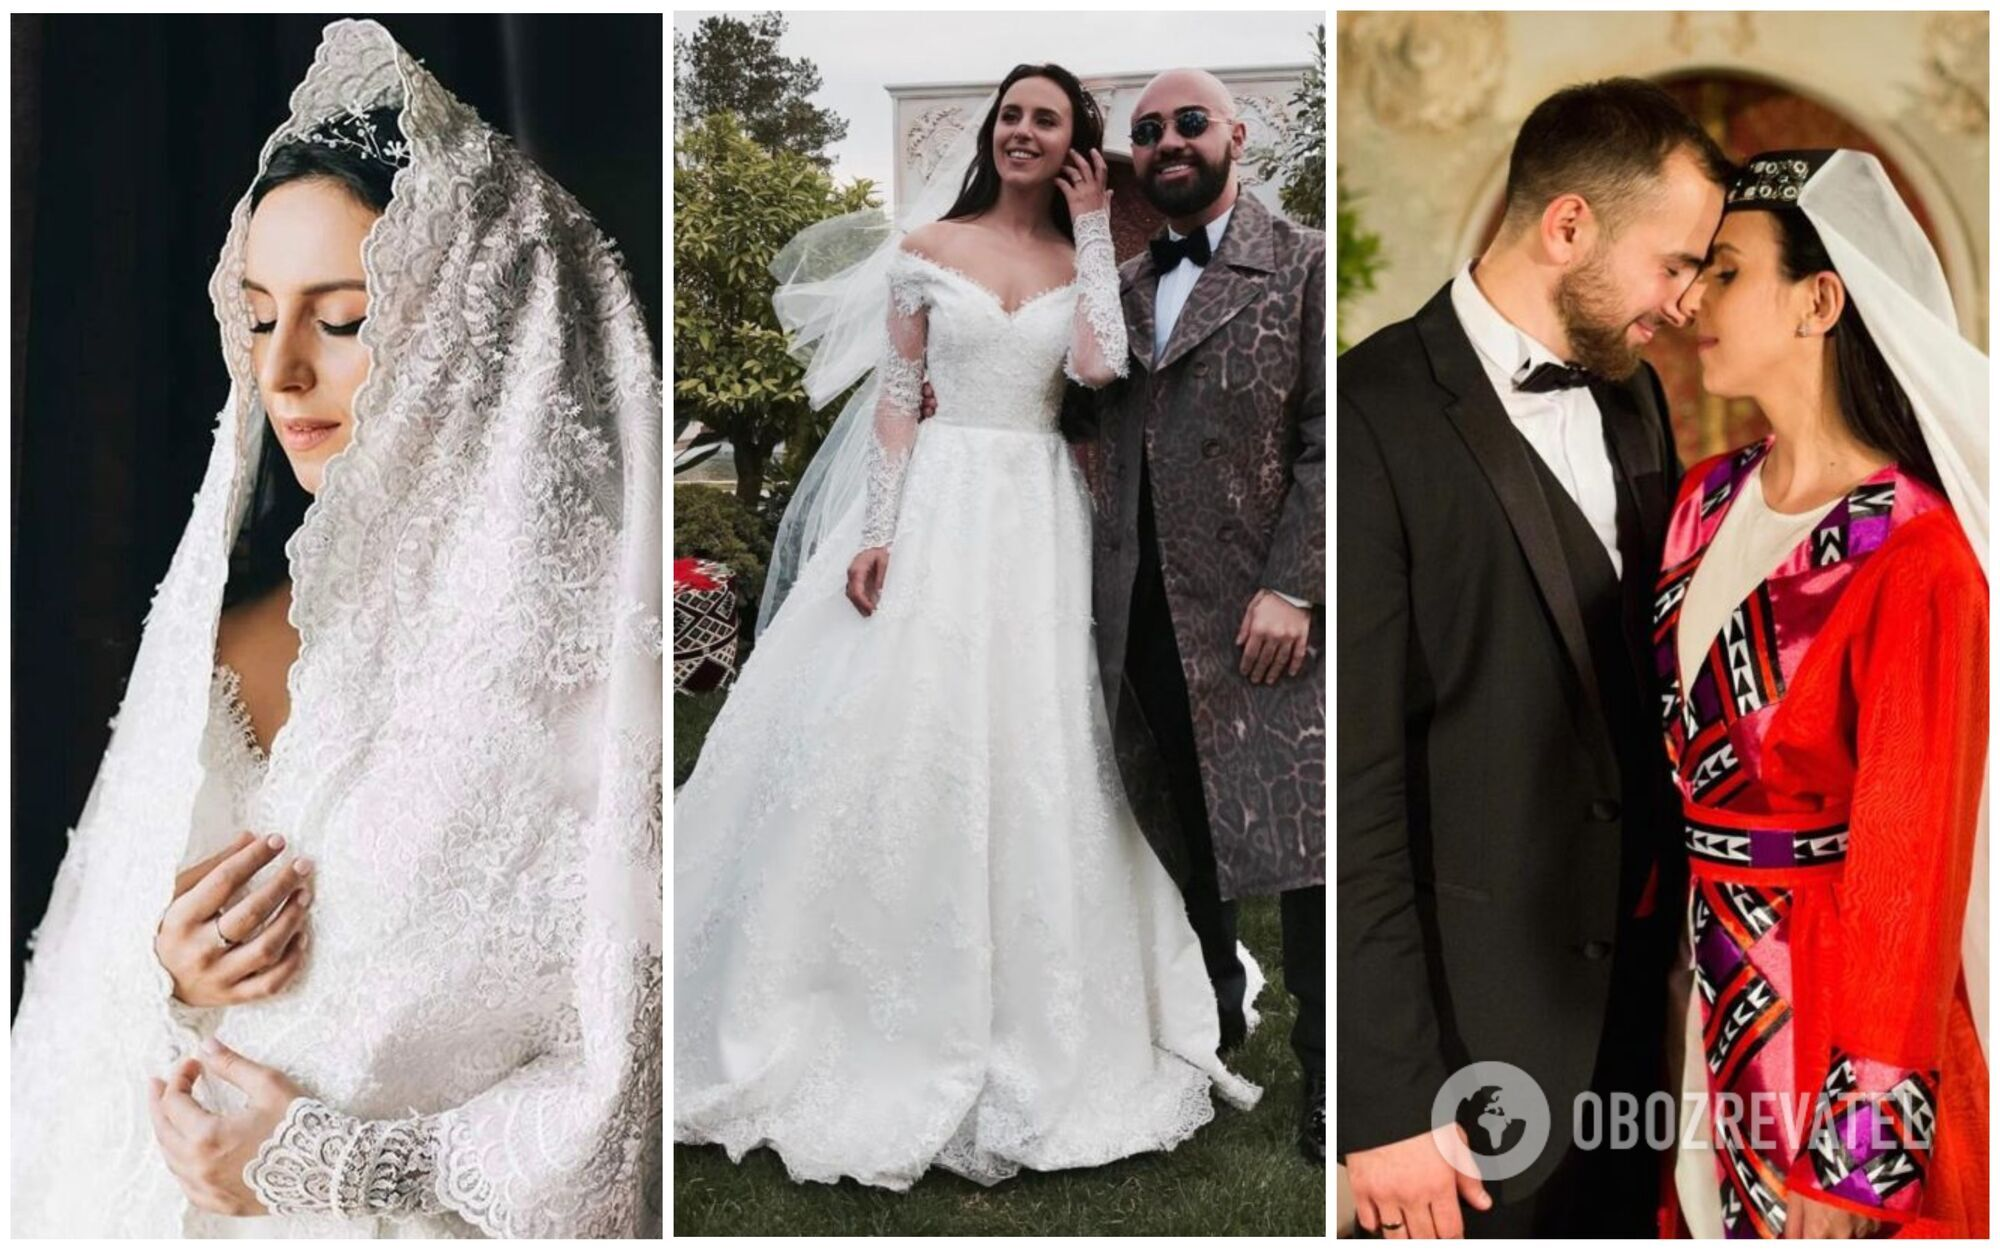 Свадьба Джамалы и Бекира Сулейманова прошла 26 апреля 2017 года